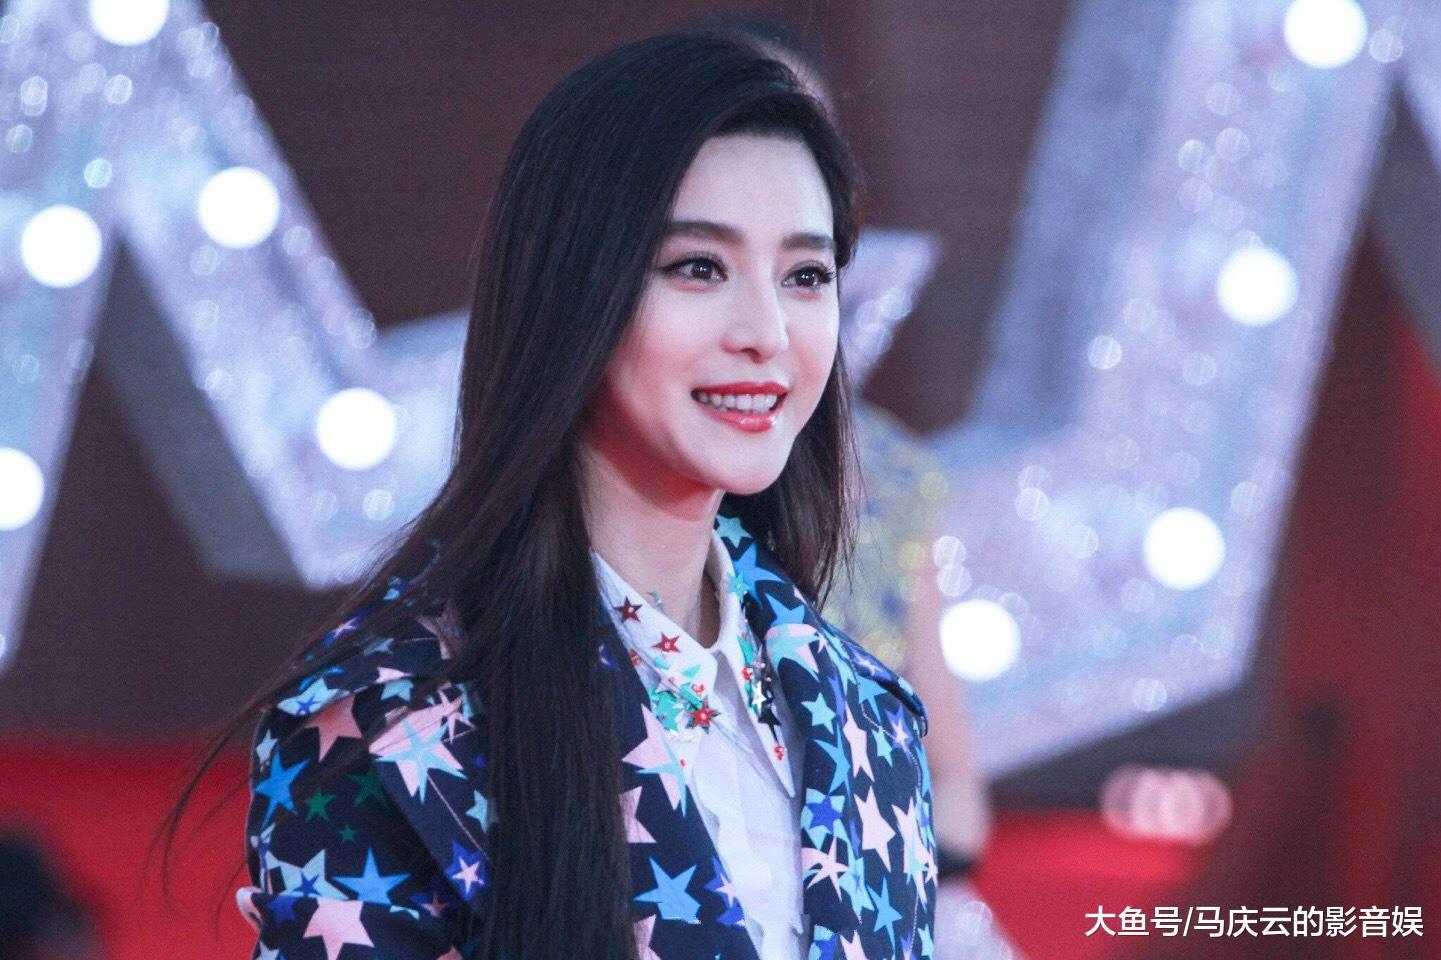 """""""演员安娜金""""发布范冰冰不雅图文, 范冰冰反黑站直接回怼"""